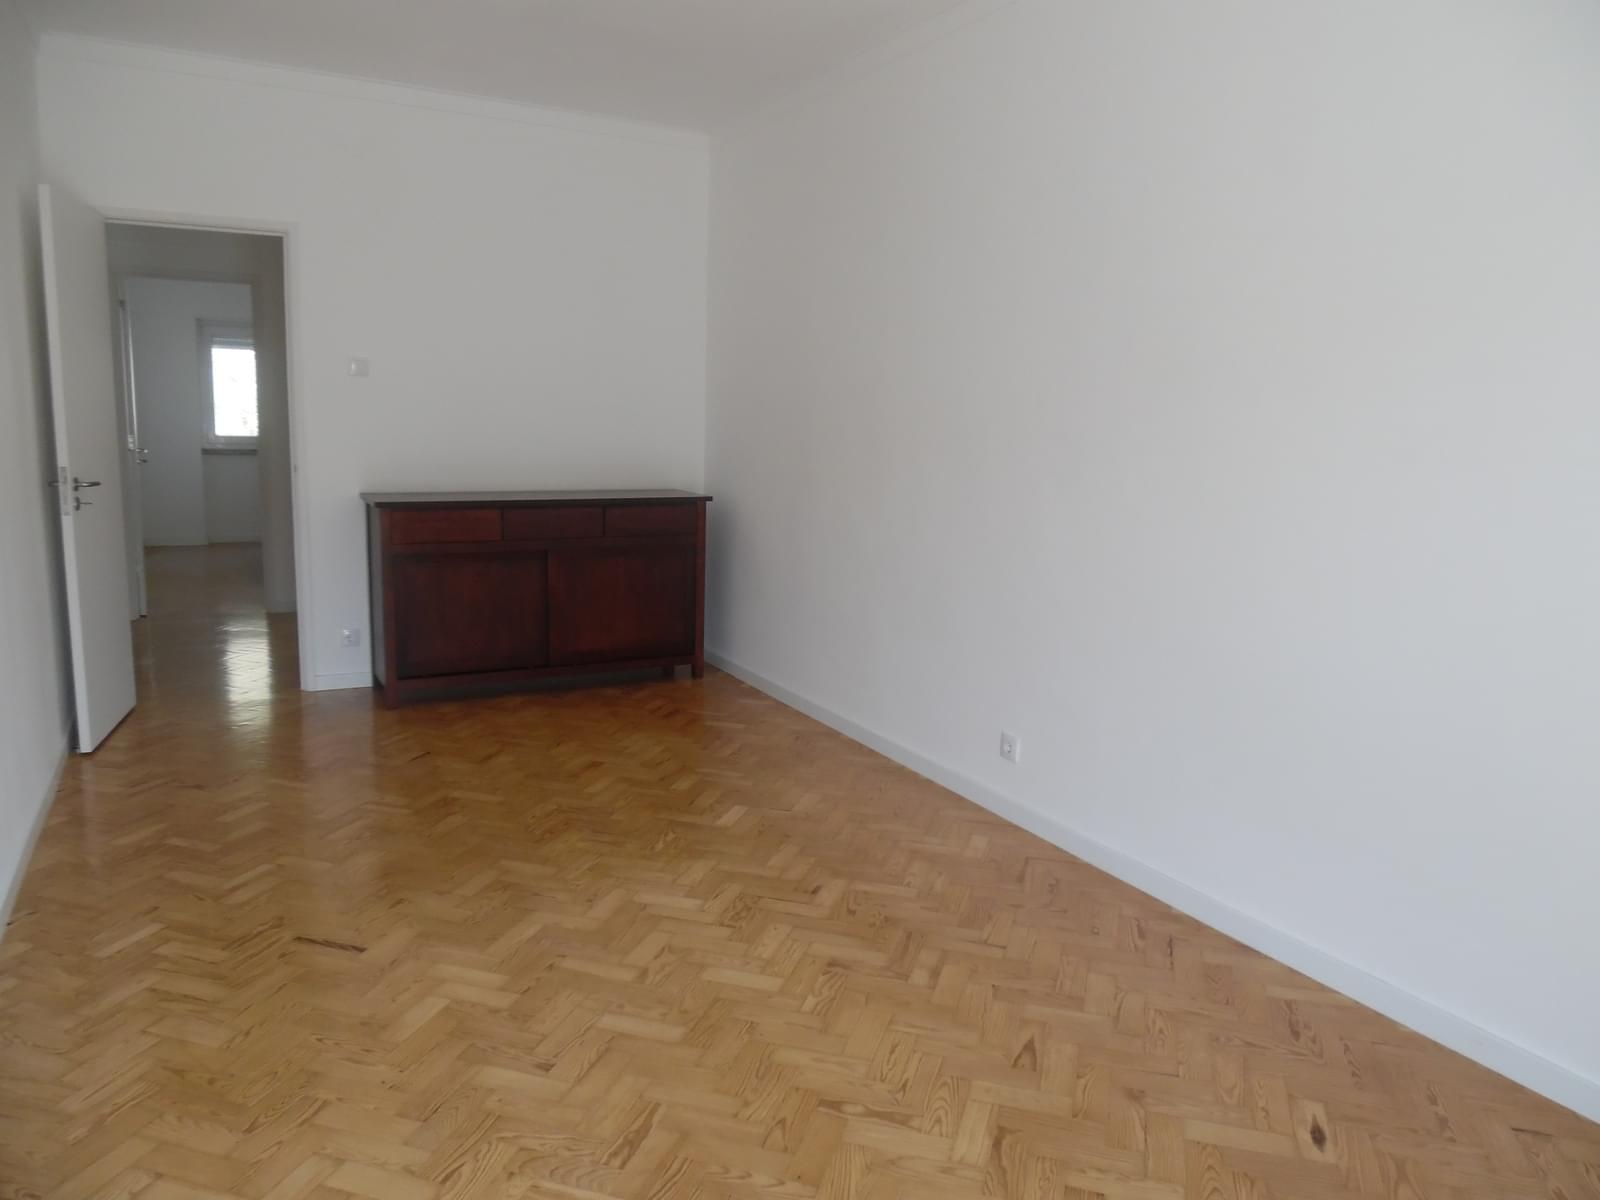 pf17256-apartamento-t2-lisboa-85465fcb-377f-4242-a1a1-d12e04ad4a88